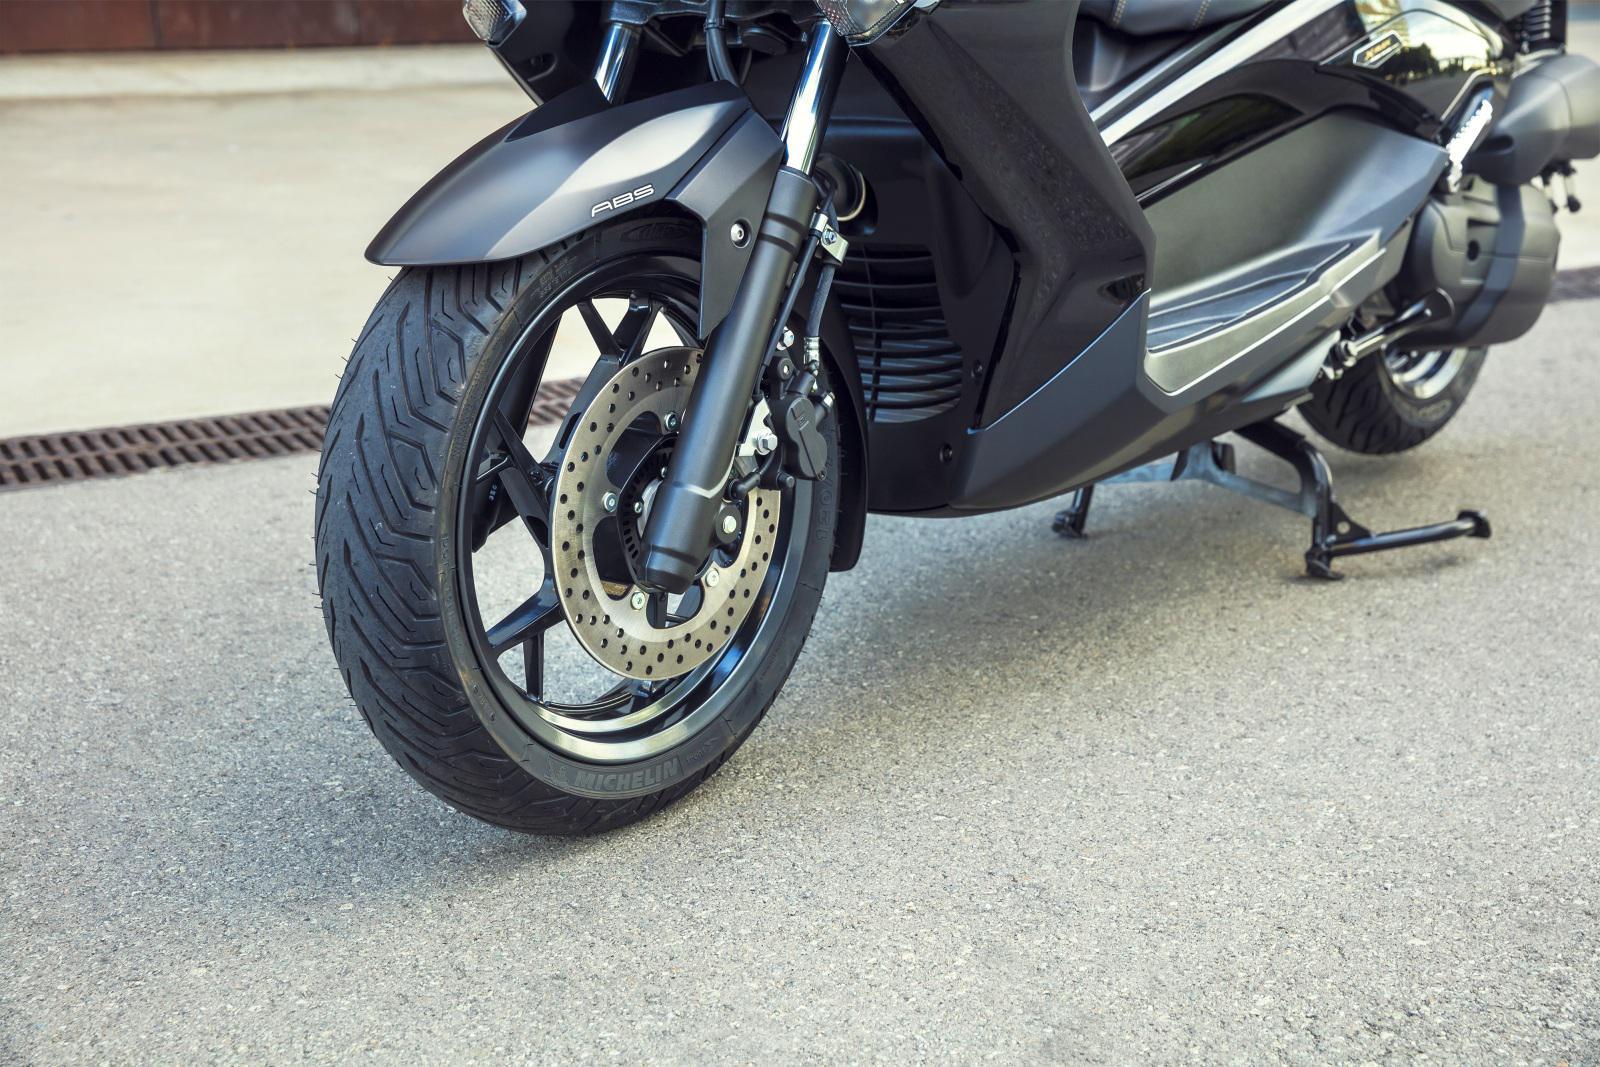 Yamaha x max 250 2016 / Asics retro